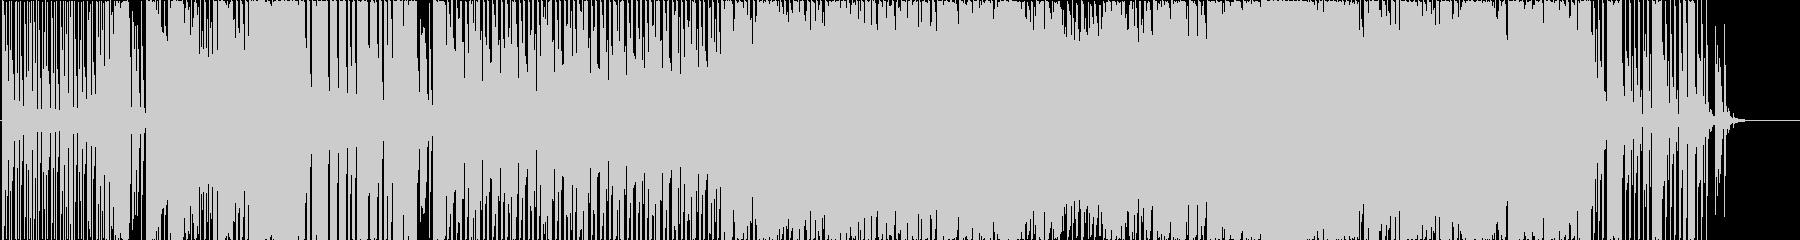 ダンサブルでポップな雰囲気のBGMの未再生の波形